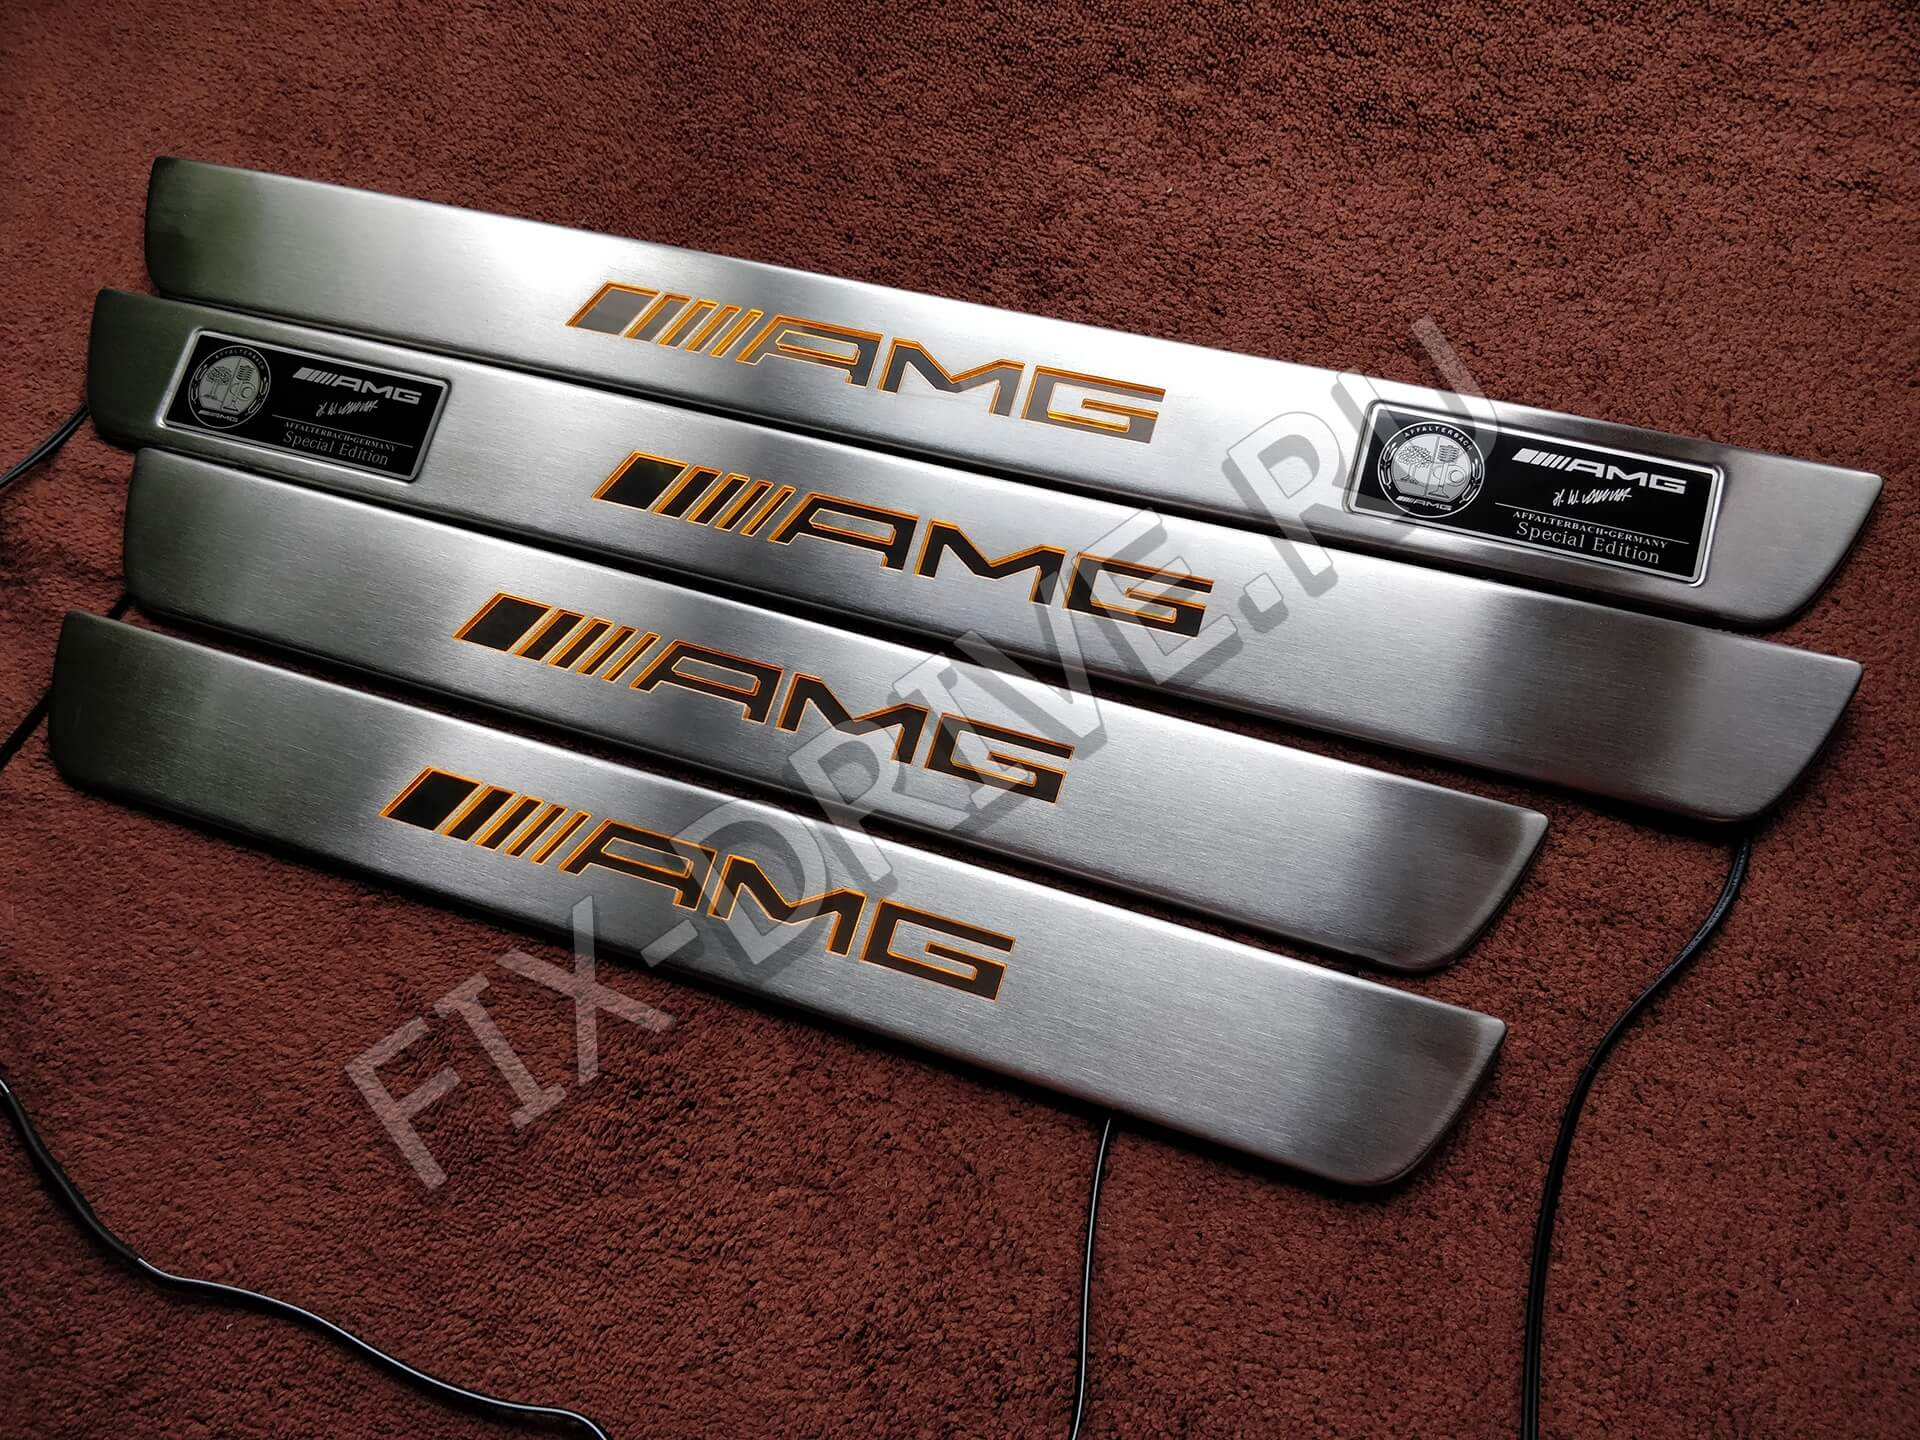 Накладки на пороги AMG X 166 с подсветкой GLE-klasse